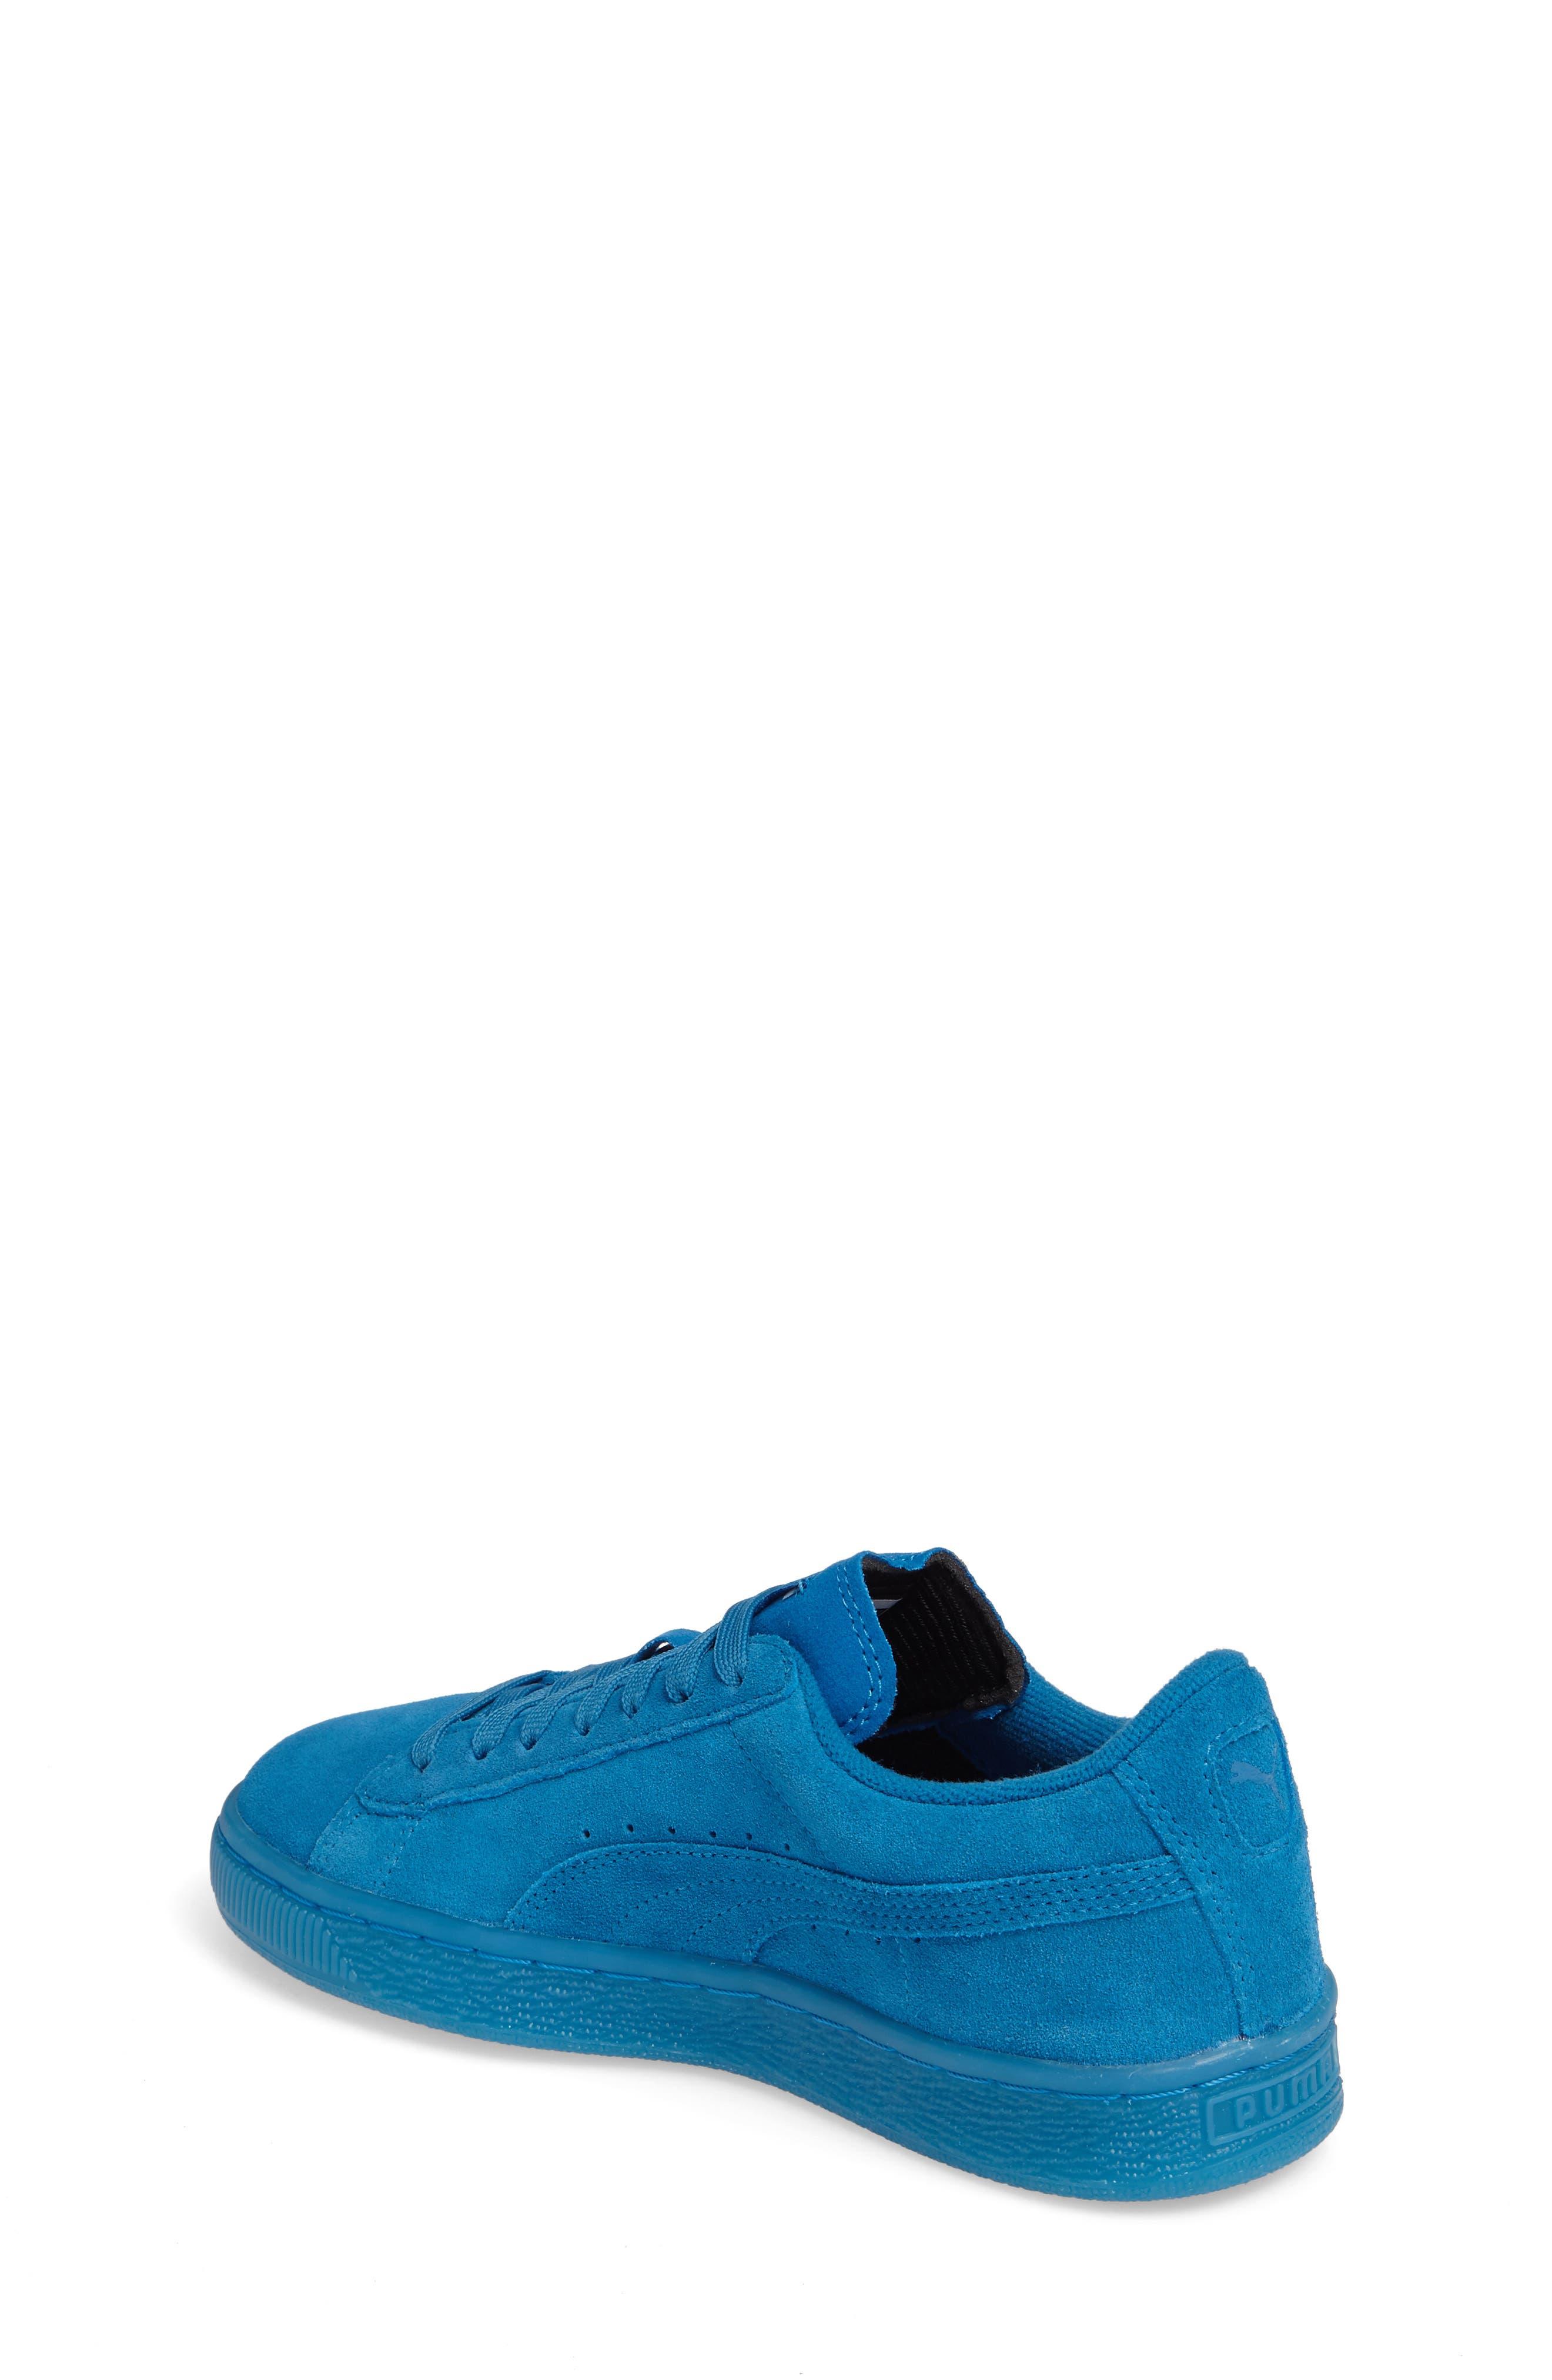 Alternate Image 2  - PUMA 'Suede Iced' Sneaker (Baby, Walker, Toddler, Little Kid & Big Kid)